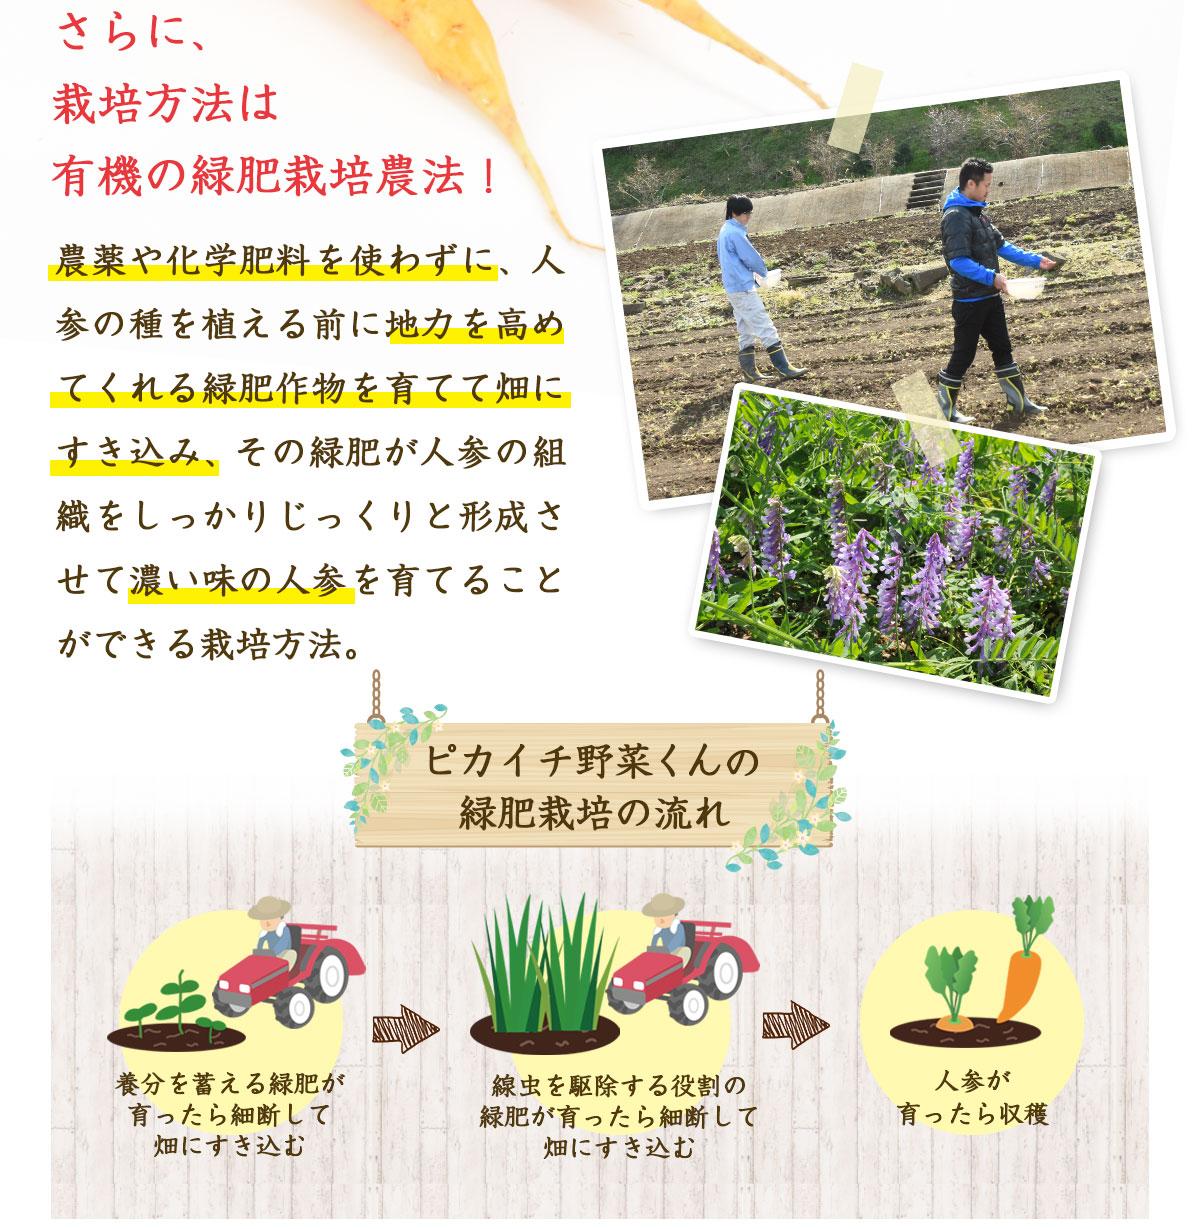 栽培方法は有機の緑肥栽培農法